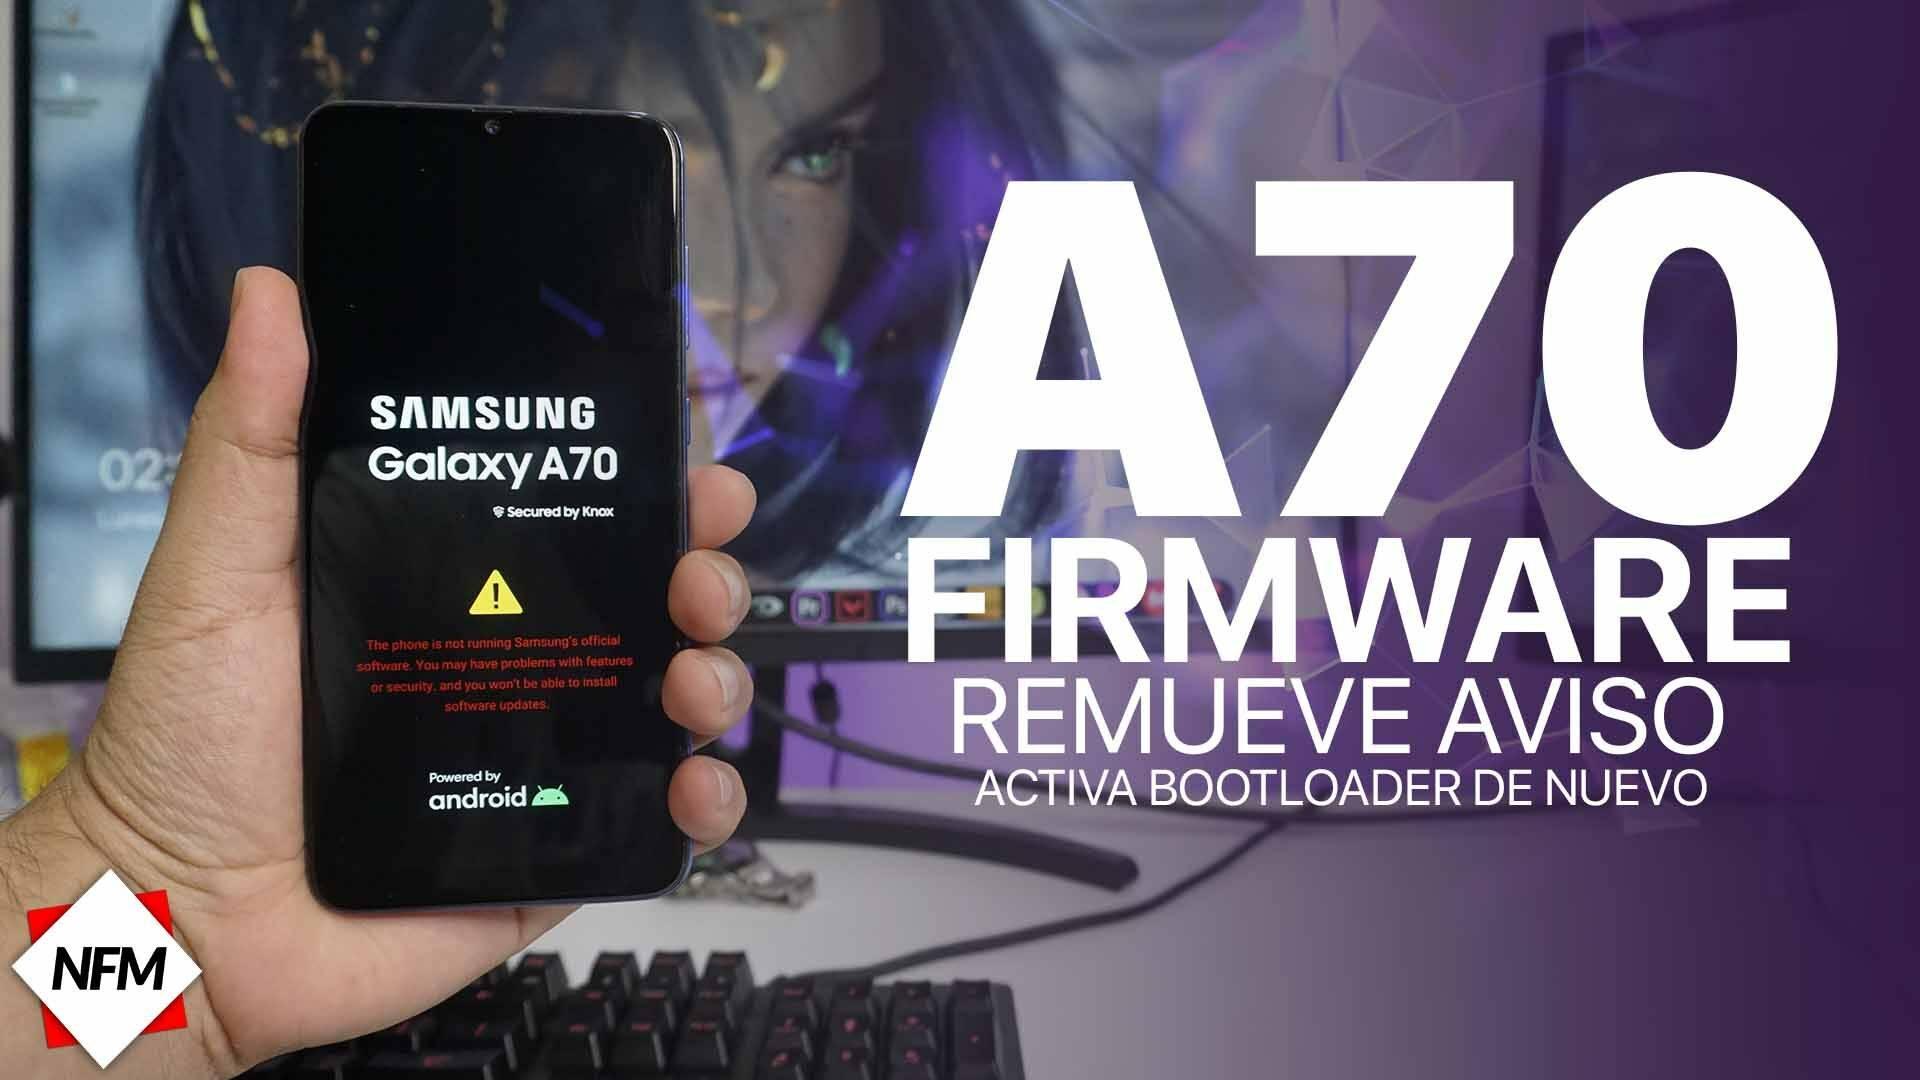 Firmware para Samsung Galaxy A70 (A705FN/ds - A705MN) + Remueve aviso de bootloader 7